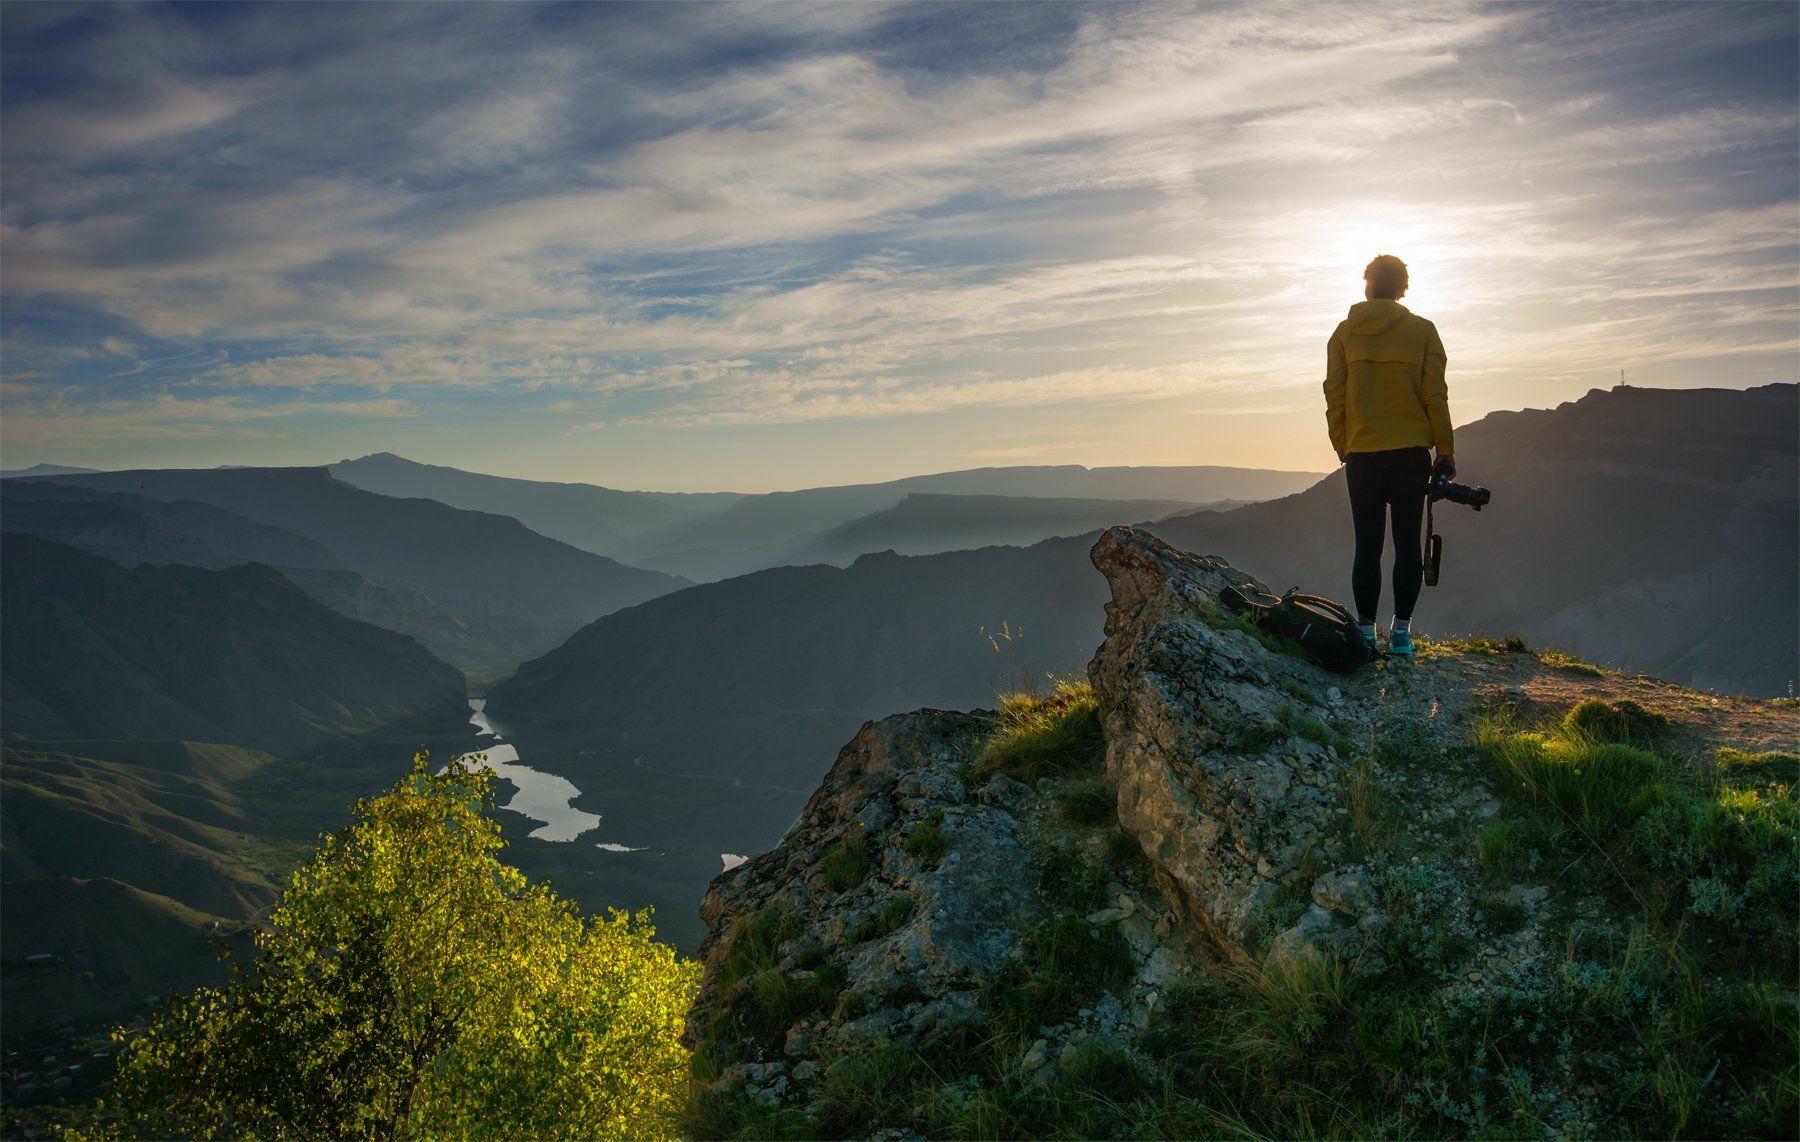 природа, пейзаж, горы, кавказ, природа россии, дикая природа, восход, свет, облака, рассвет, лето, утро, Беляев Альберт